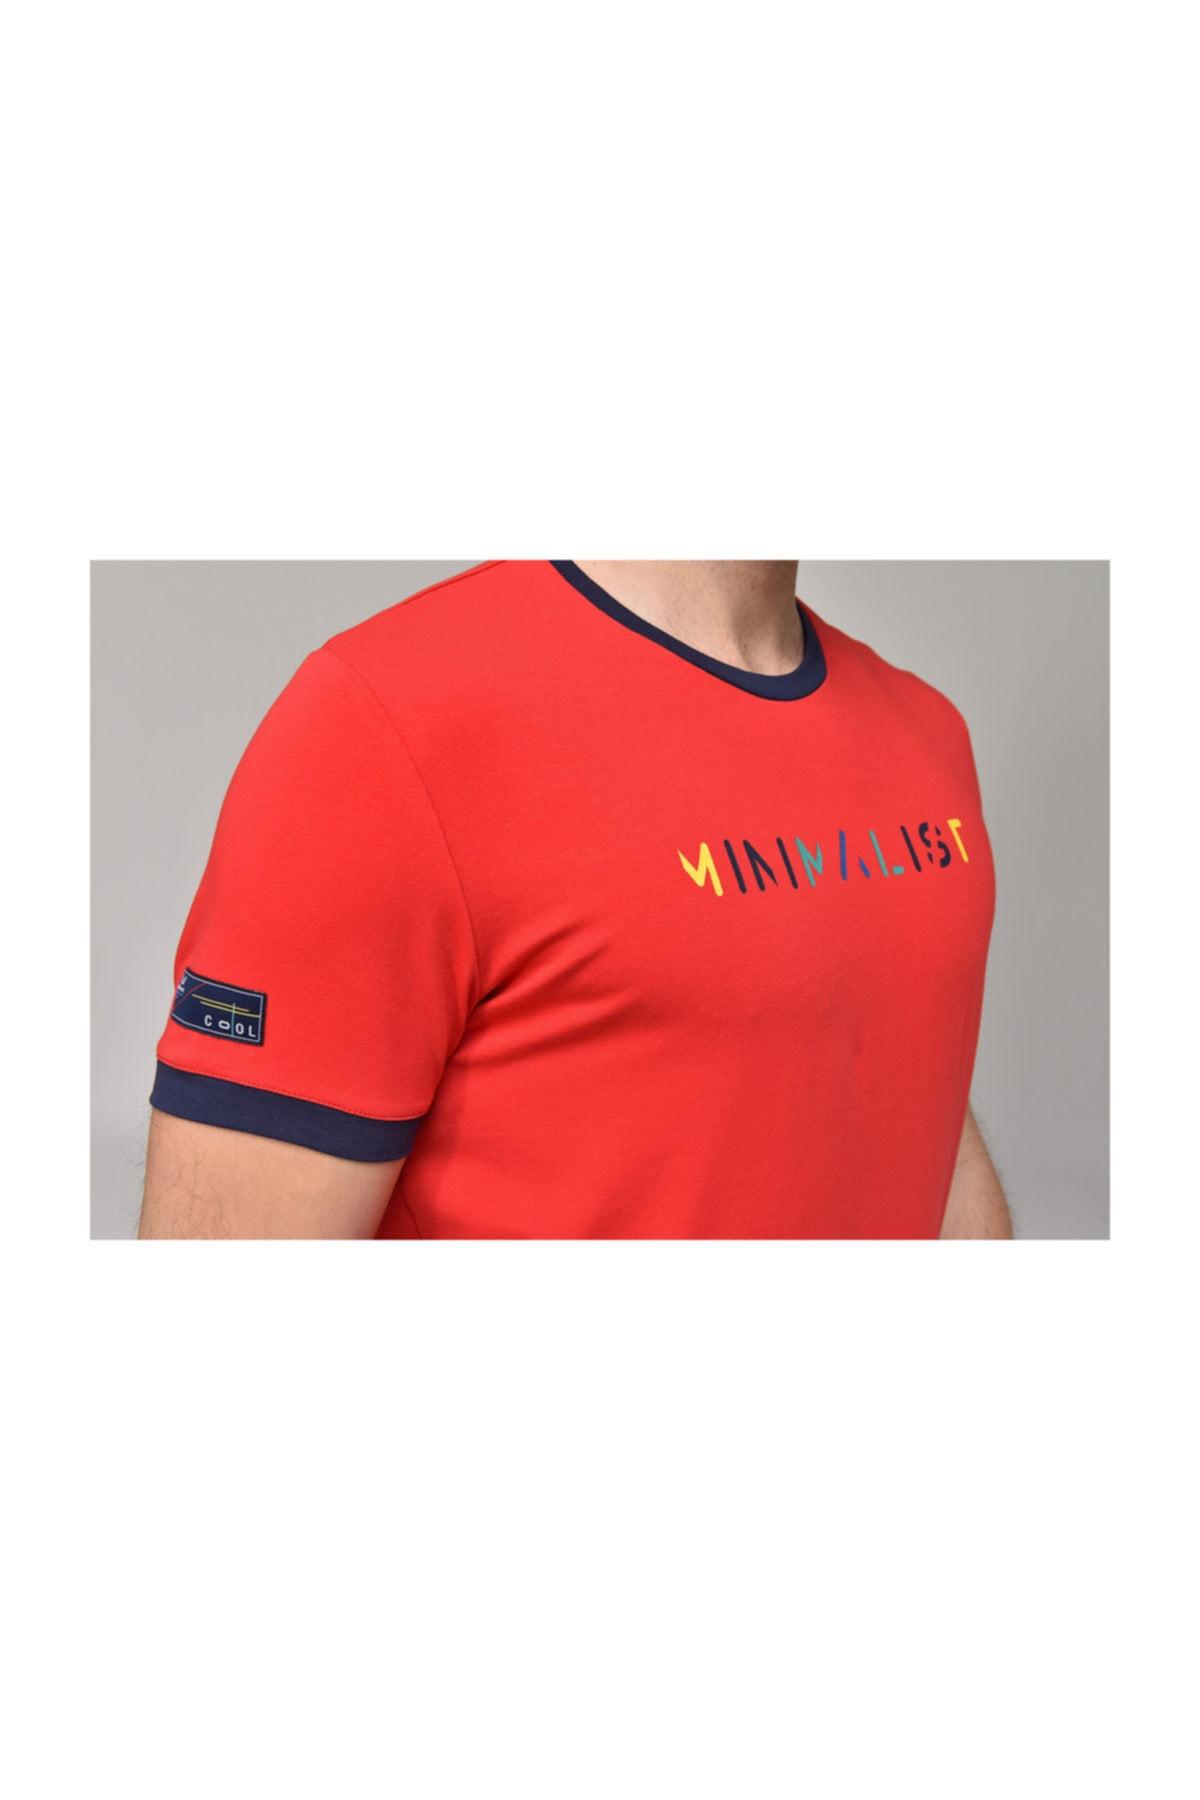 bilcee Kırmızı Erkek T-shirt  GS-8250 2